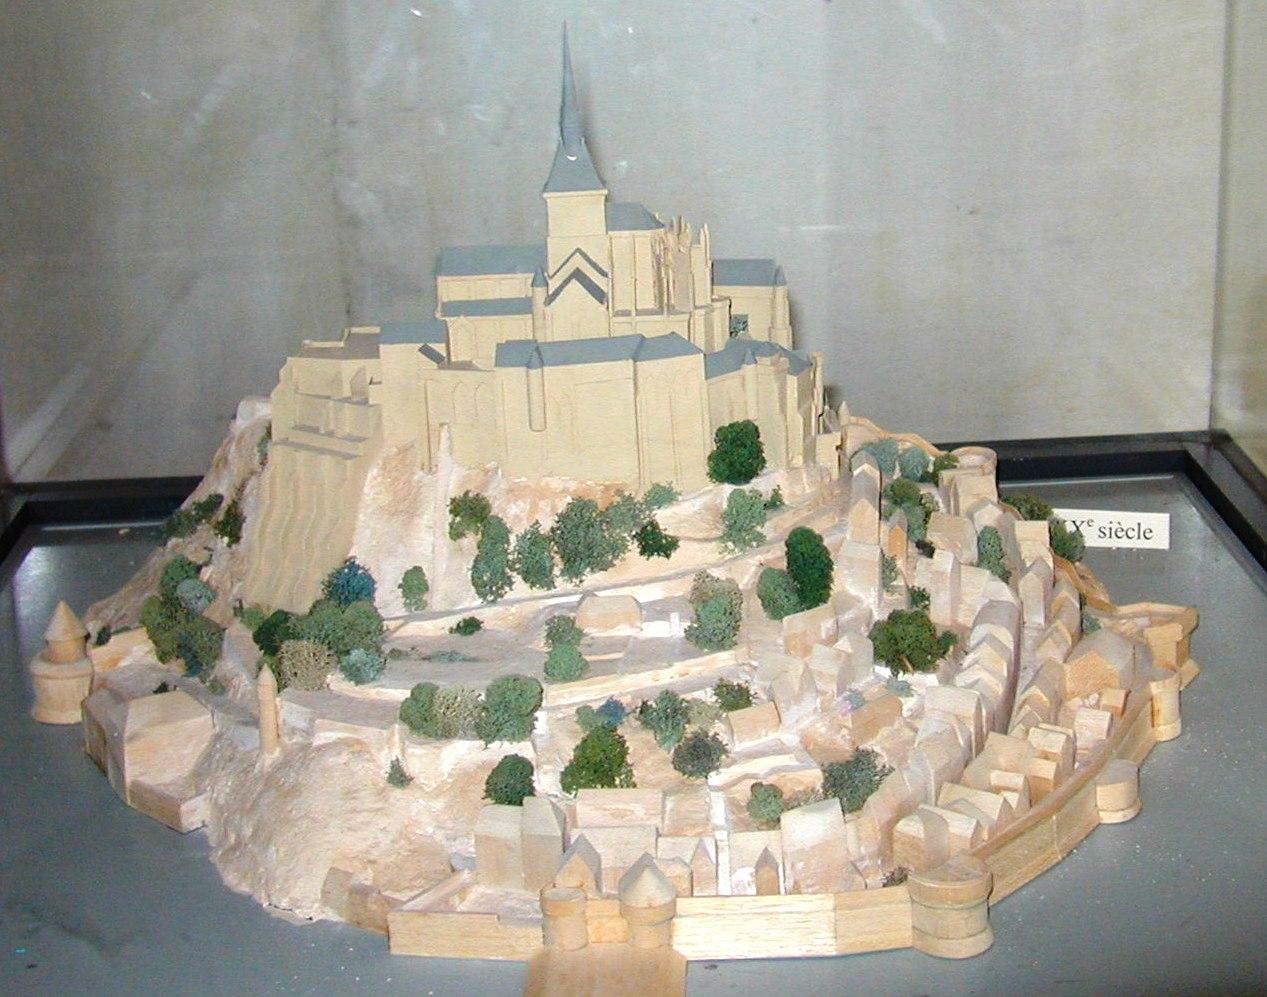 [Image: 200506_-_Mont_Saint-Michel_53_-_Maquette.JPG]